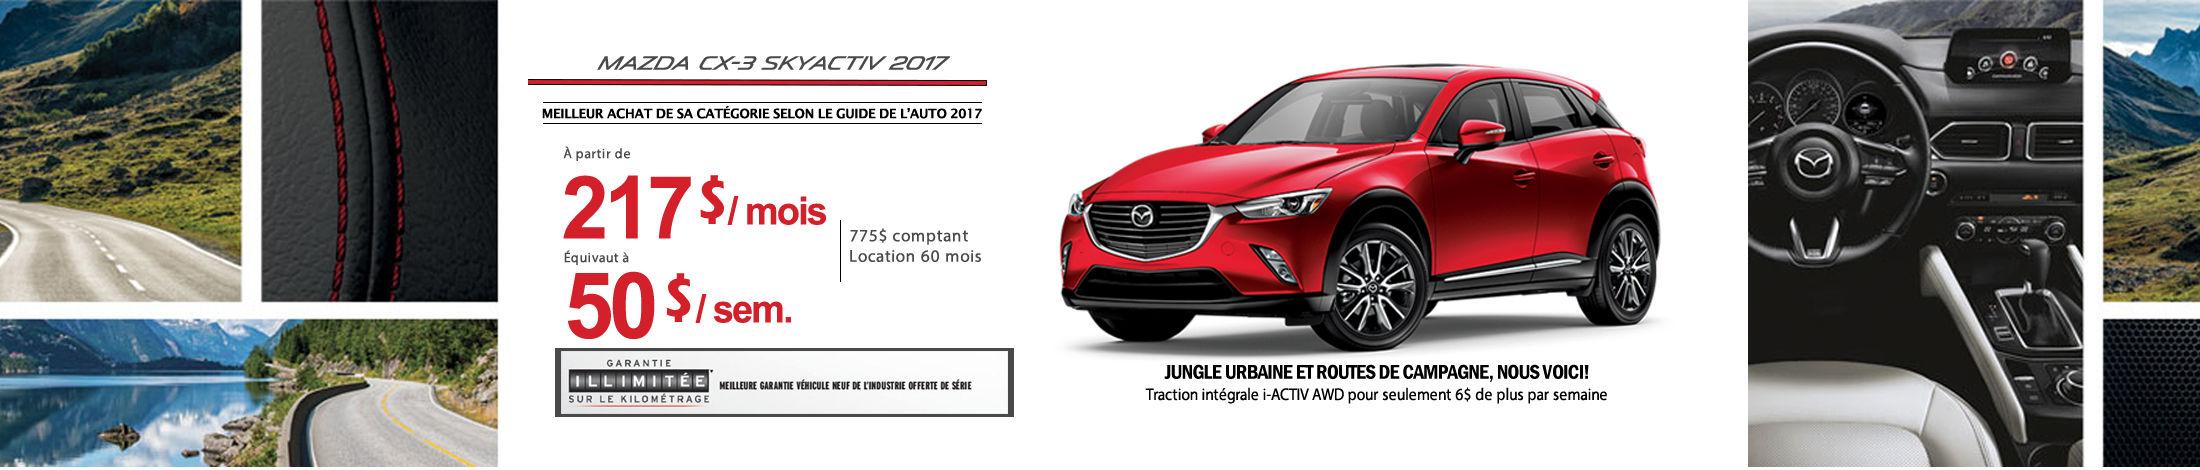 Mazda CX-3 2017 Banniere